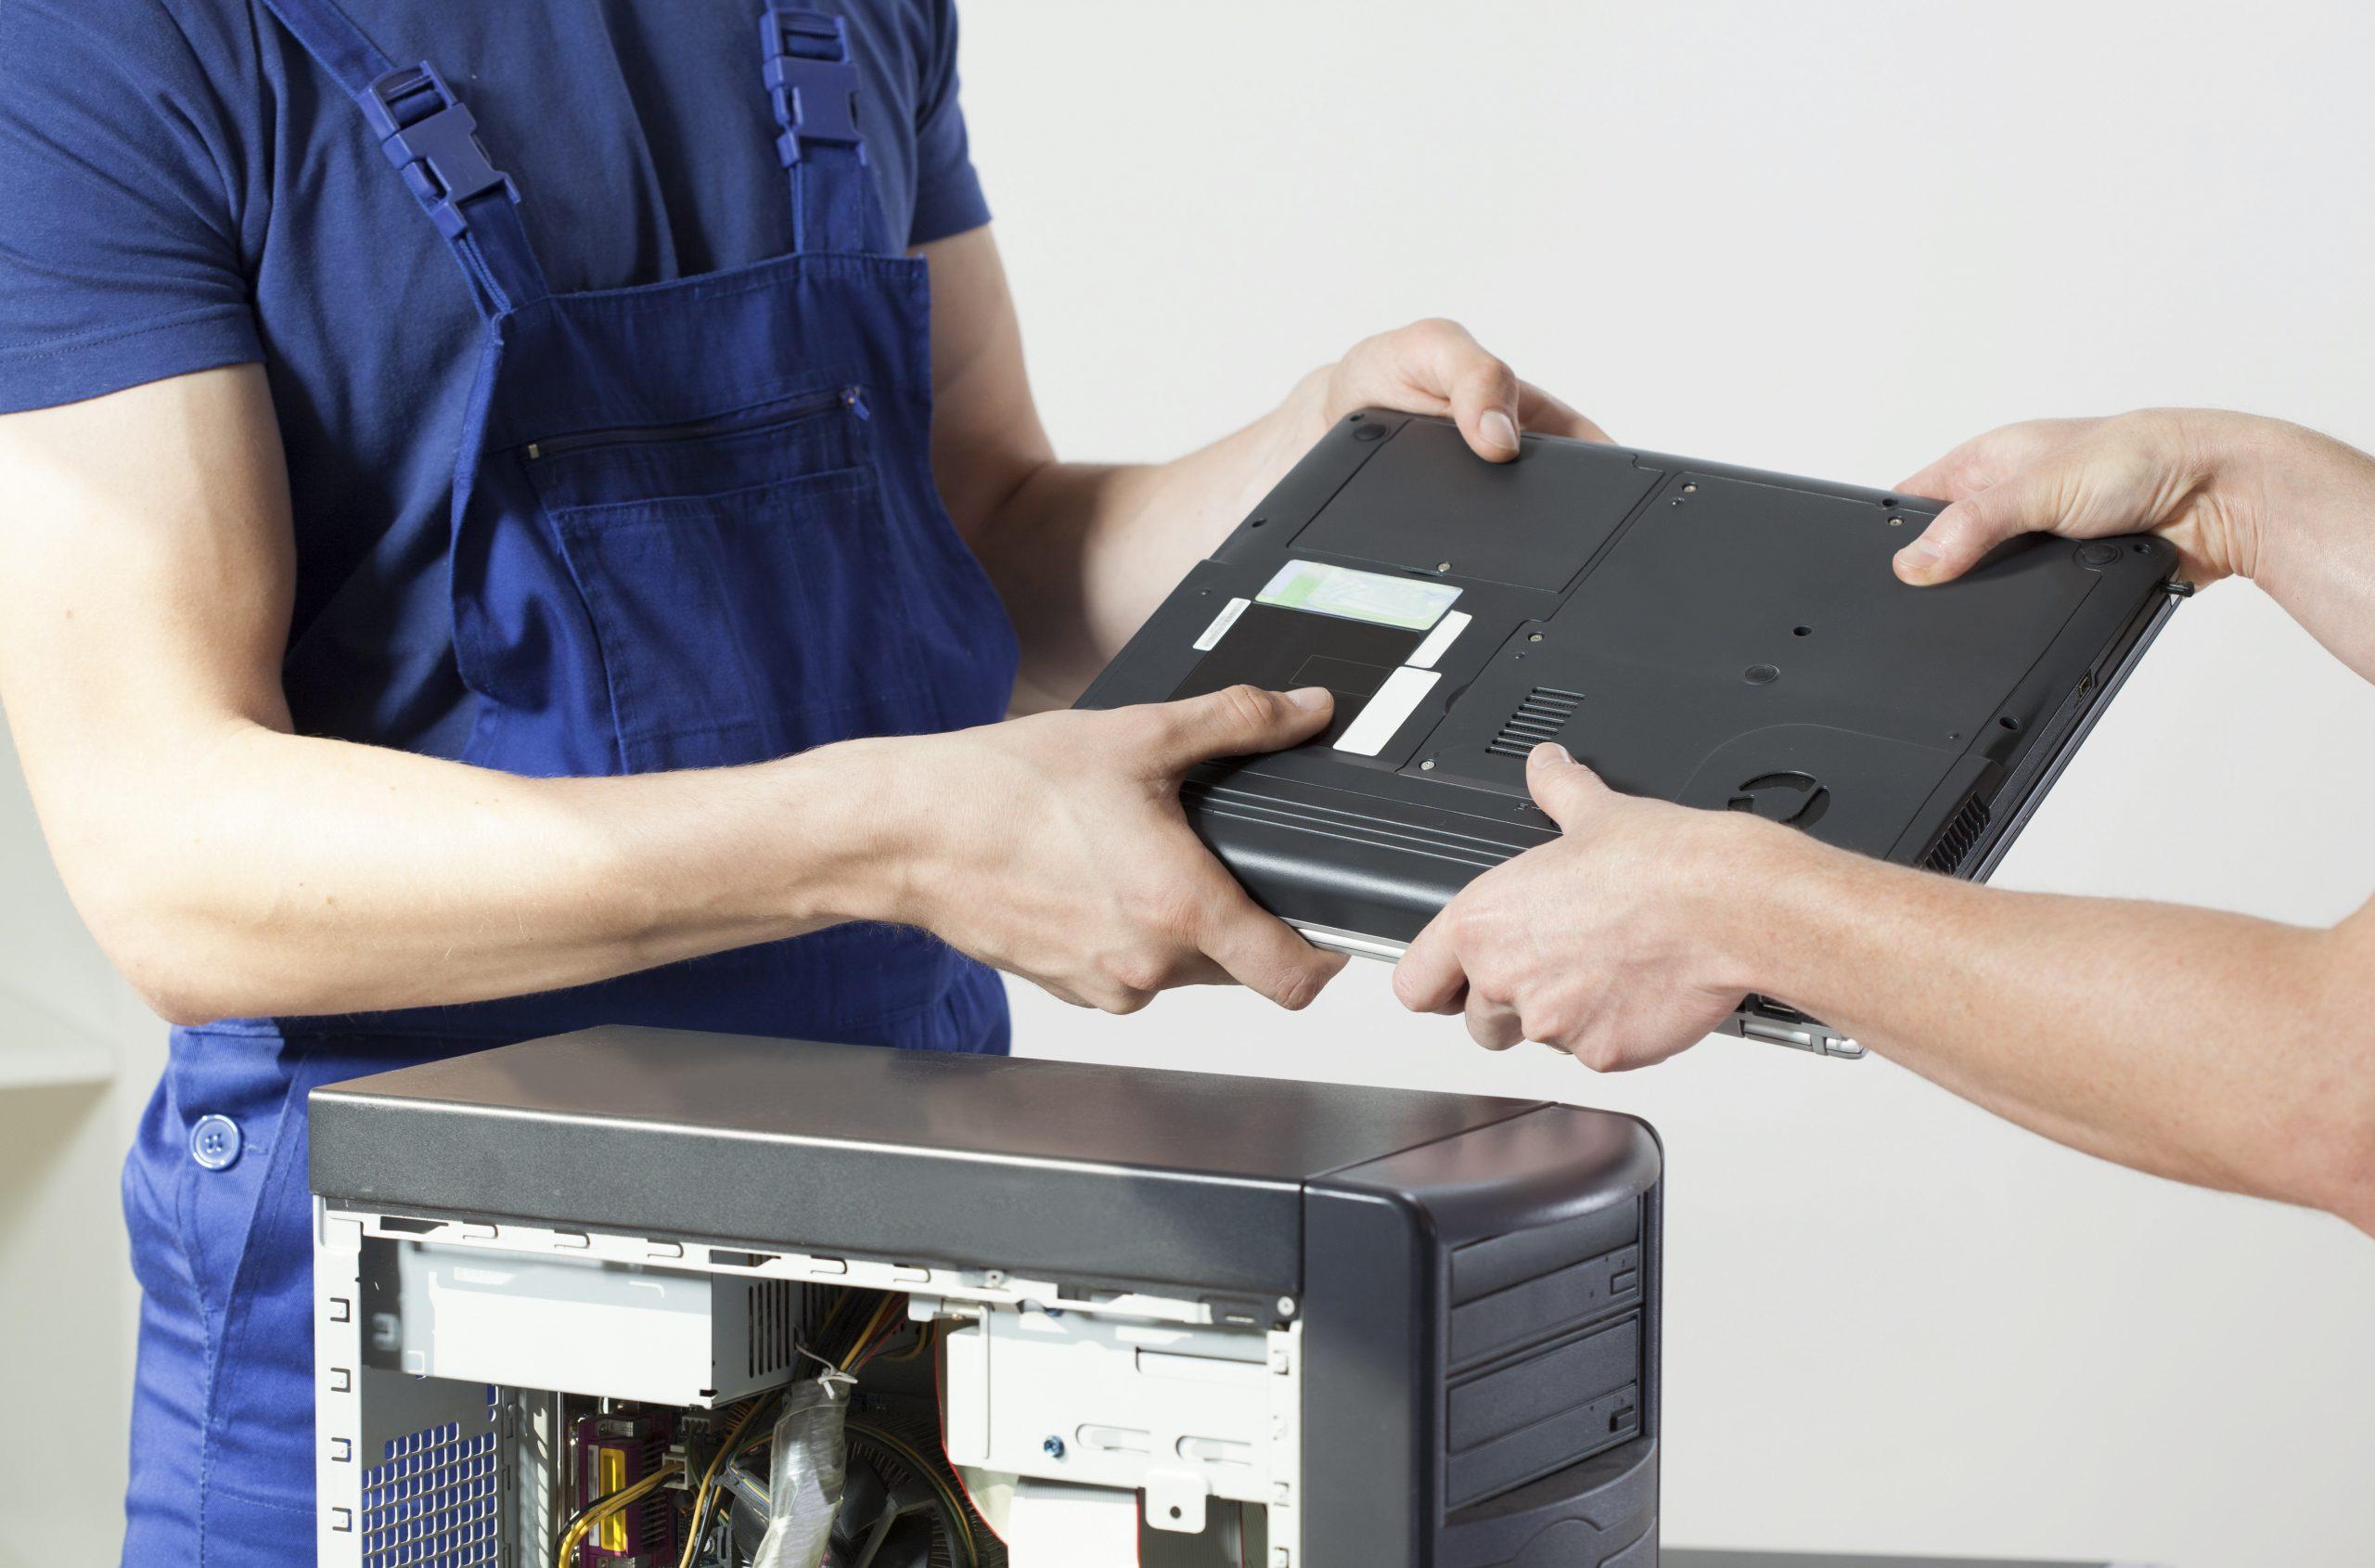 etichette per elettronica, barcode, schede rame, etichette piccole